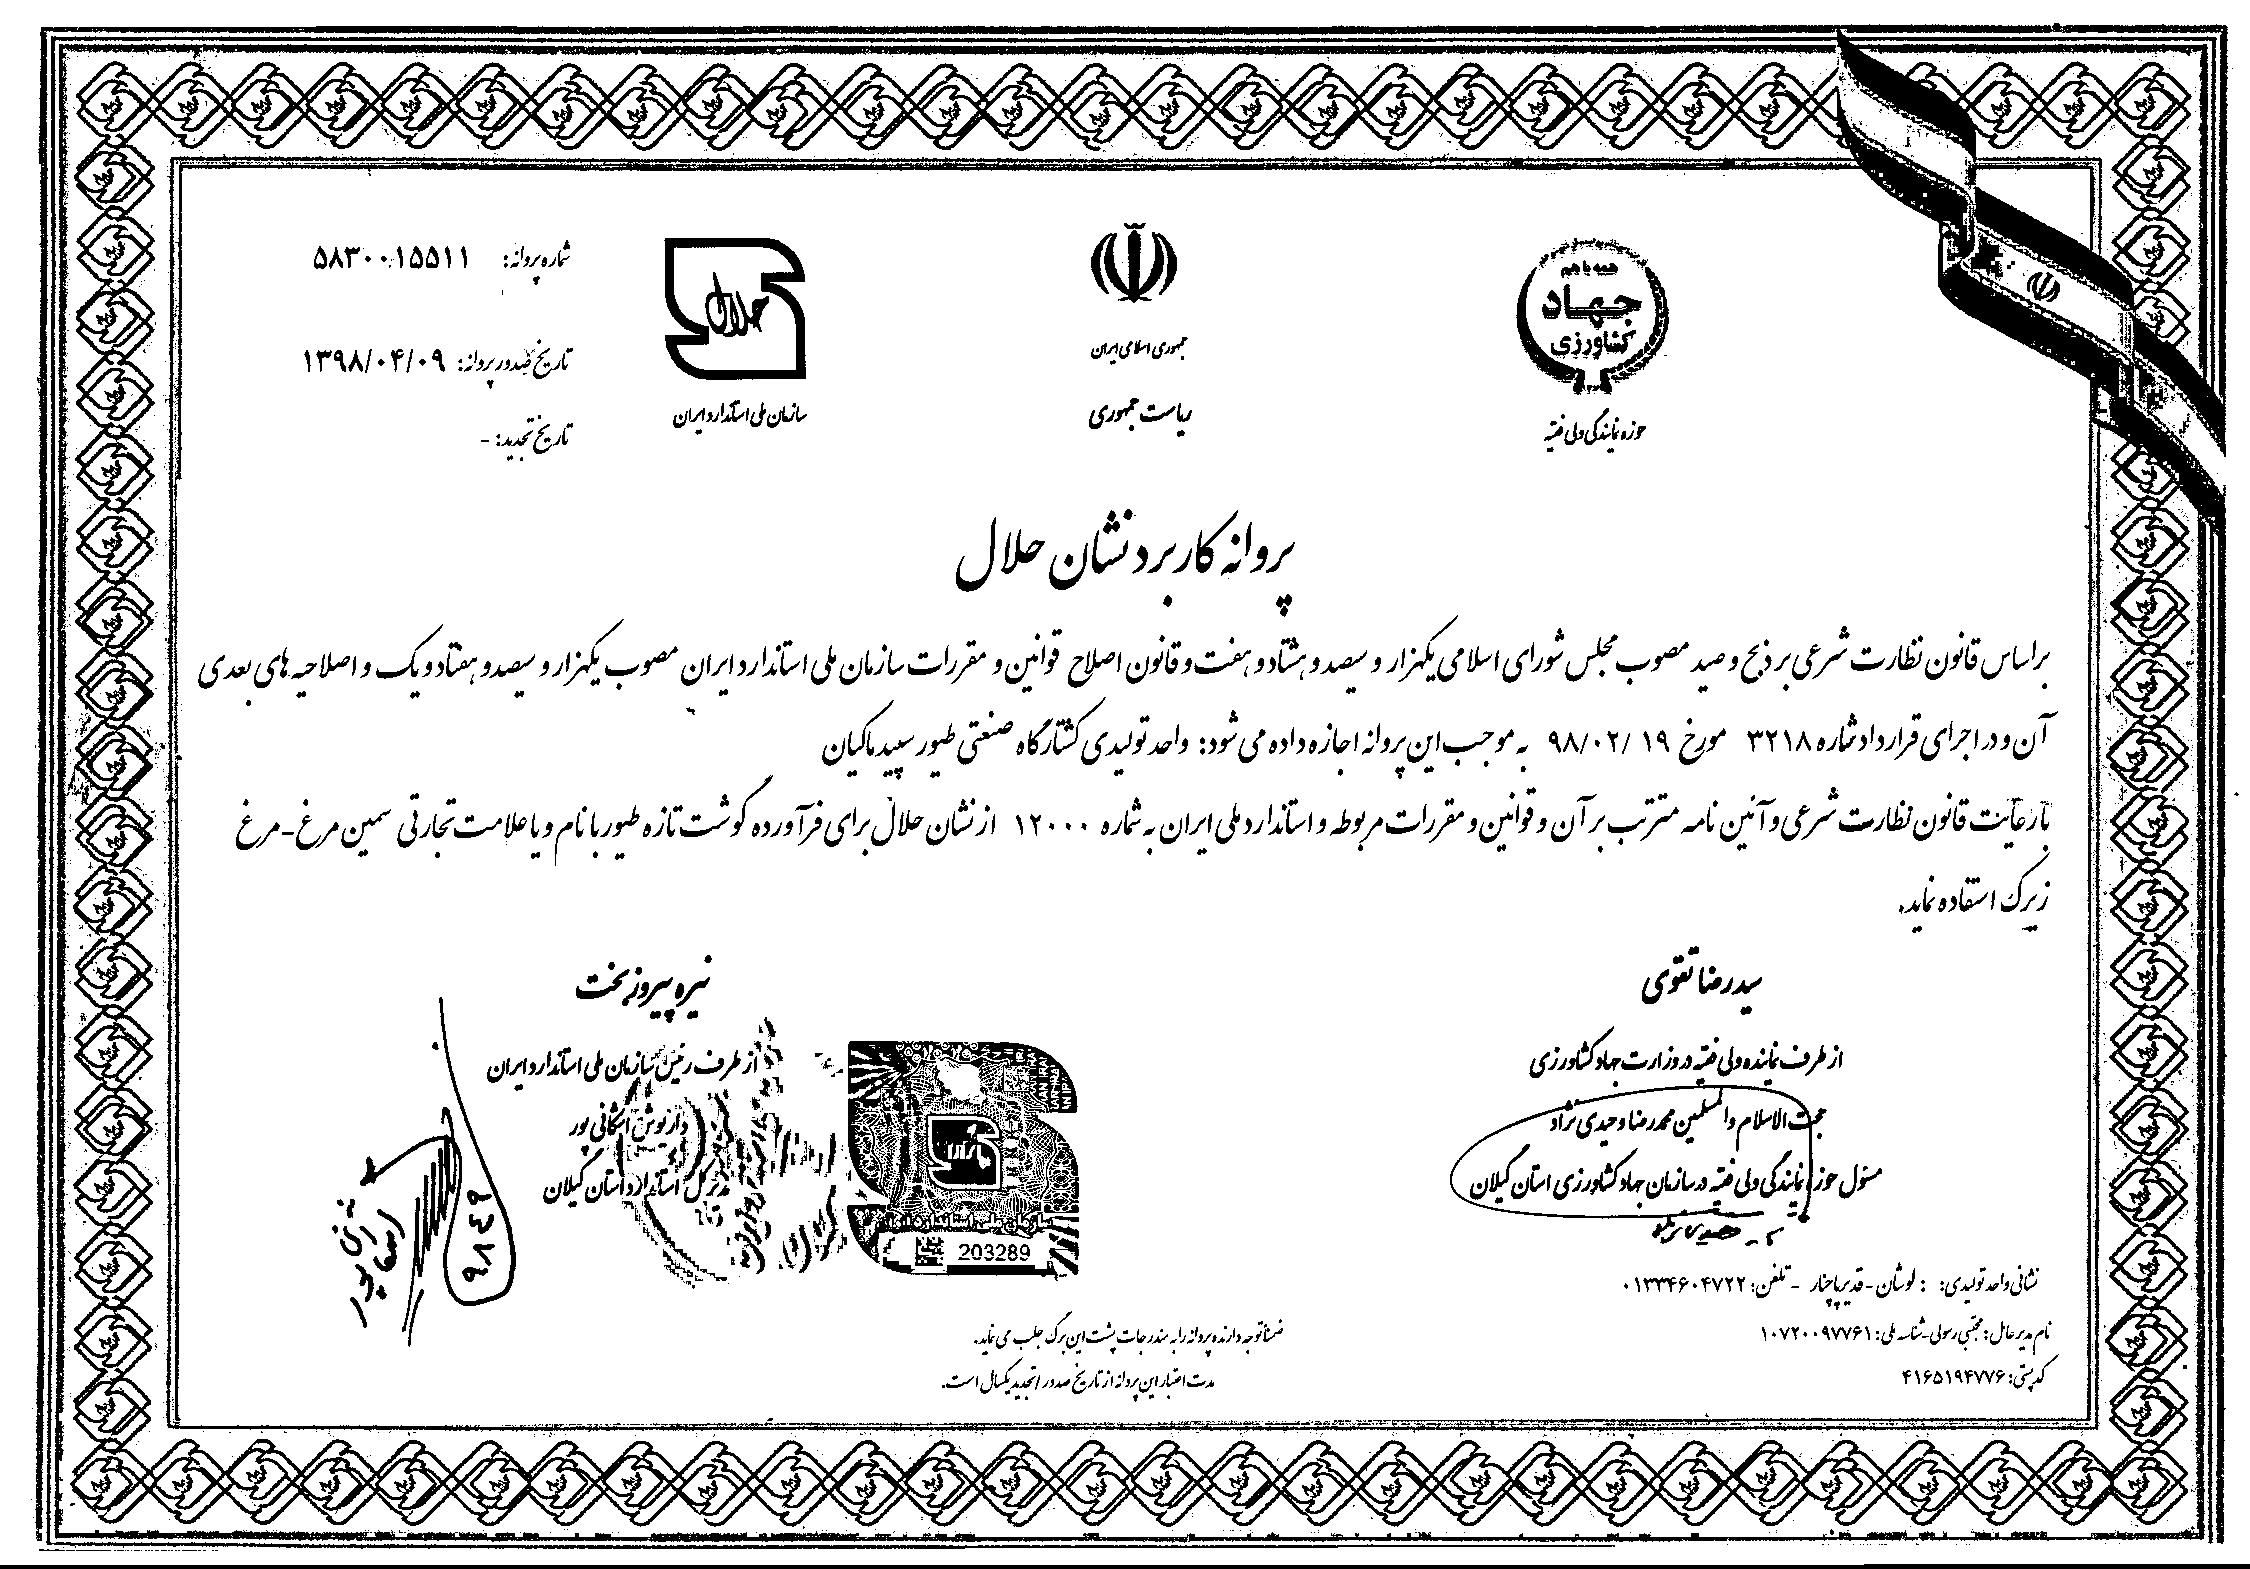 دریافت نشان حلال توسط شرکت سپید ماکیان از سازمان ملی استاندارد ایران